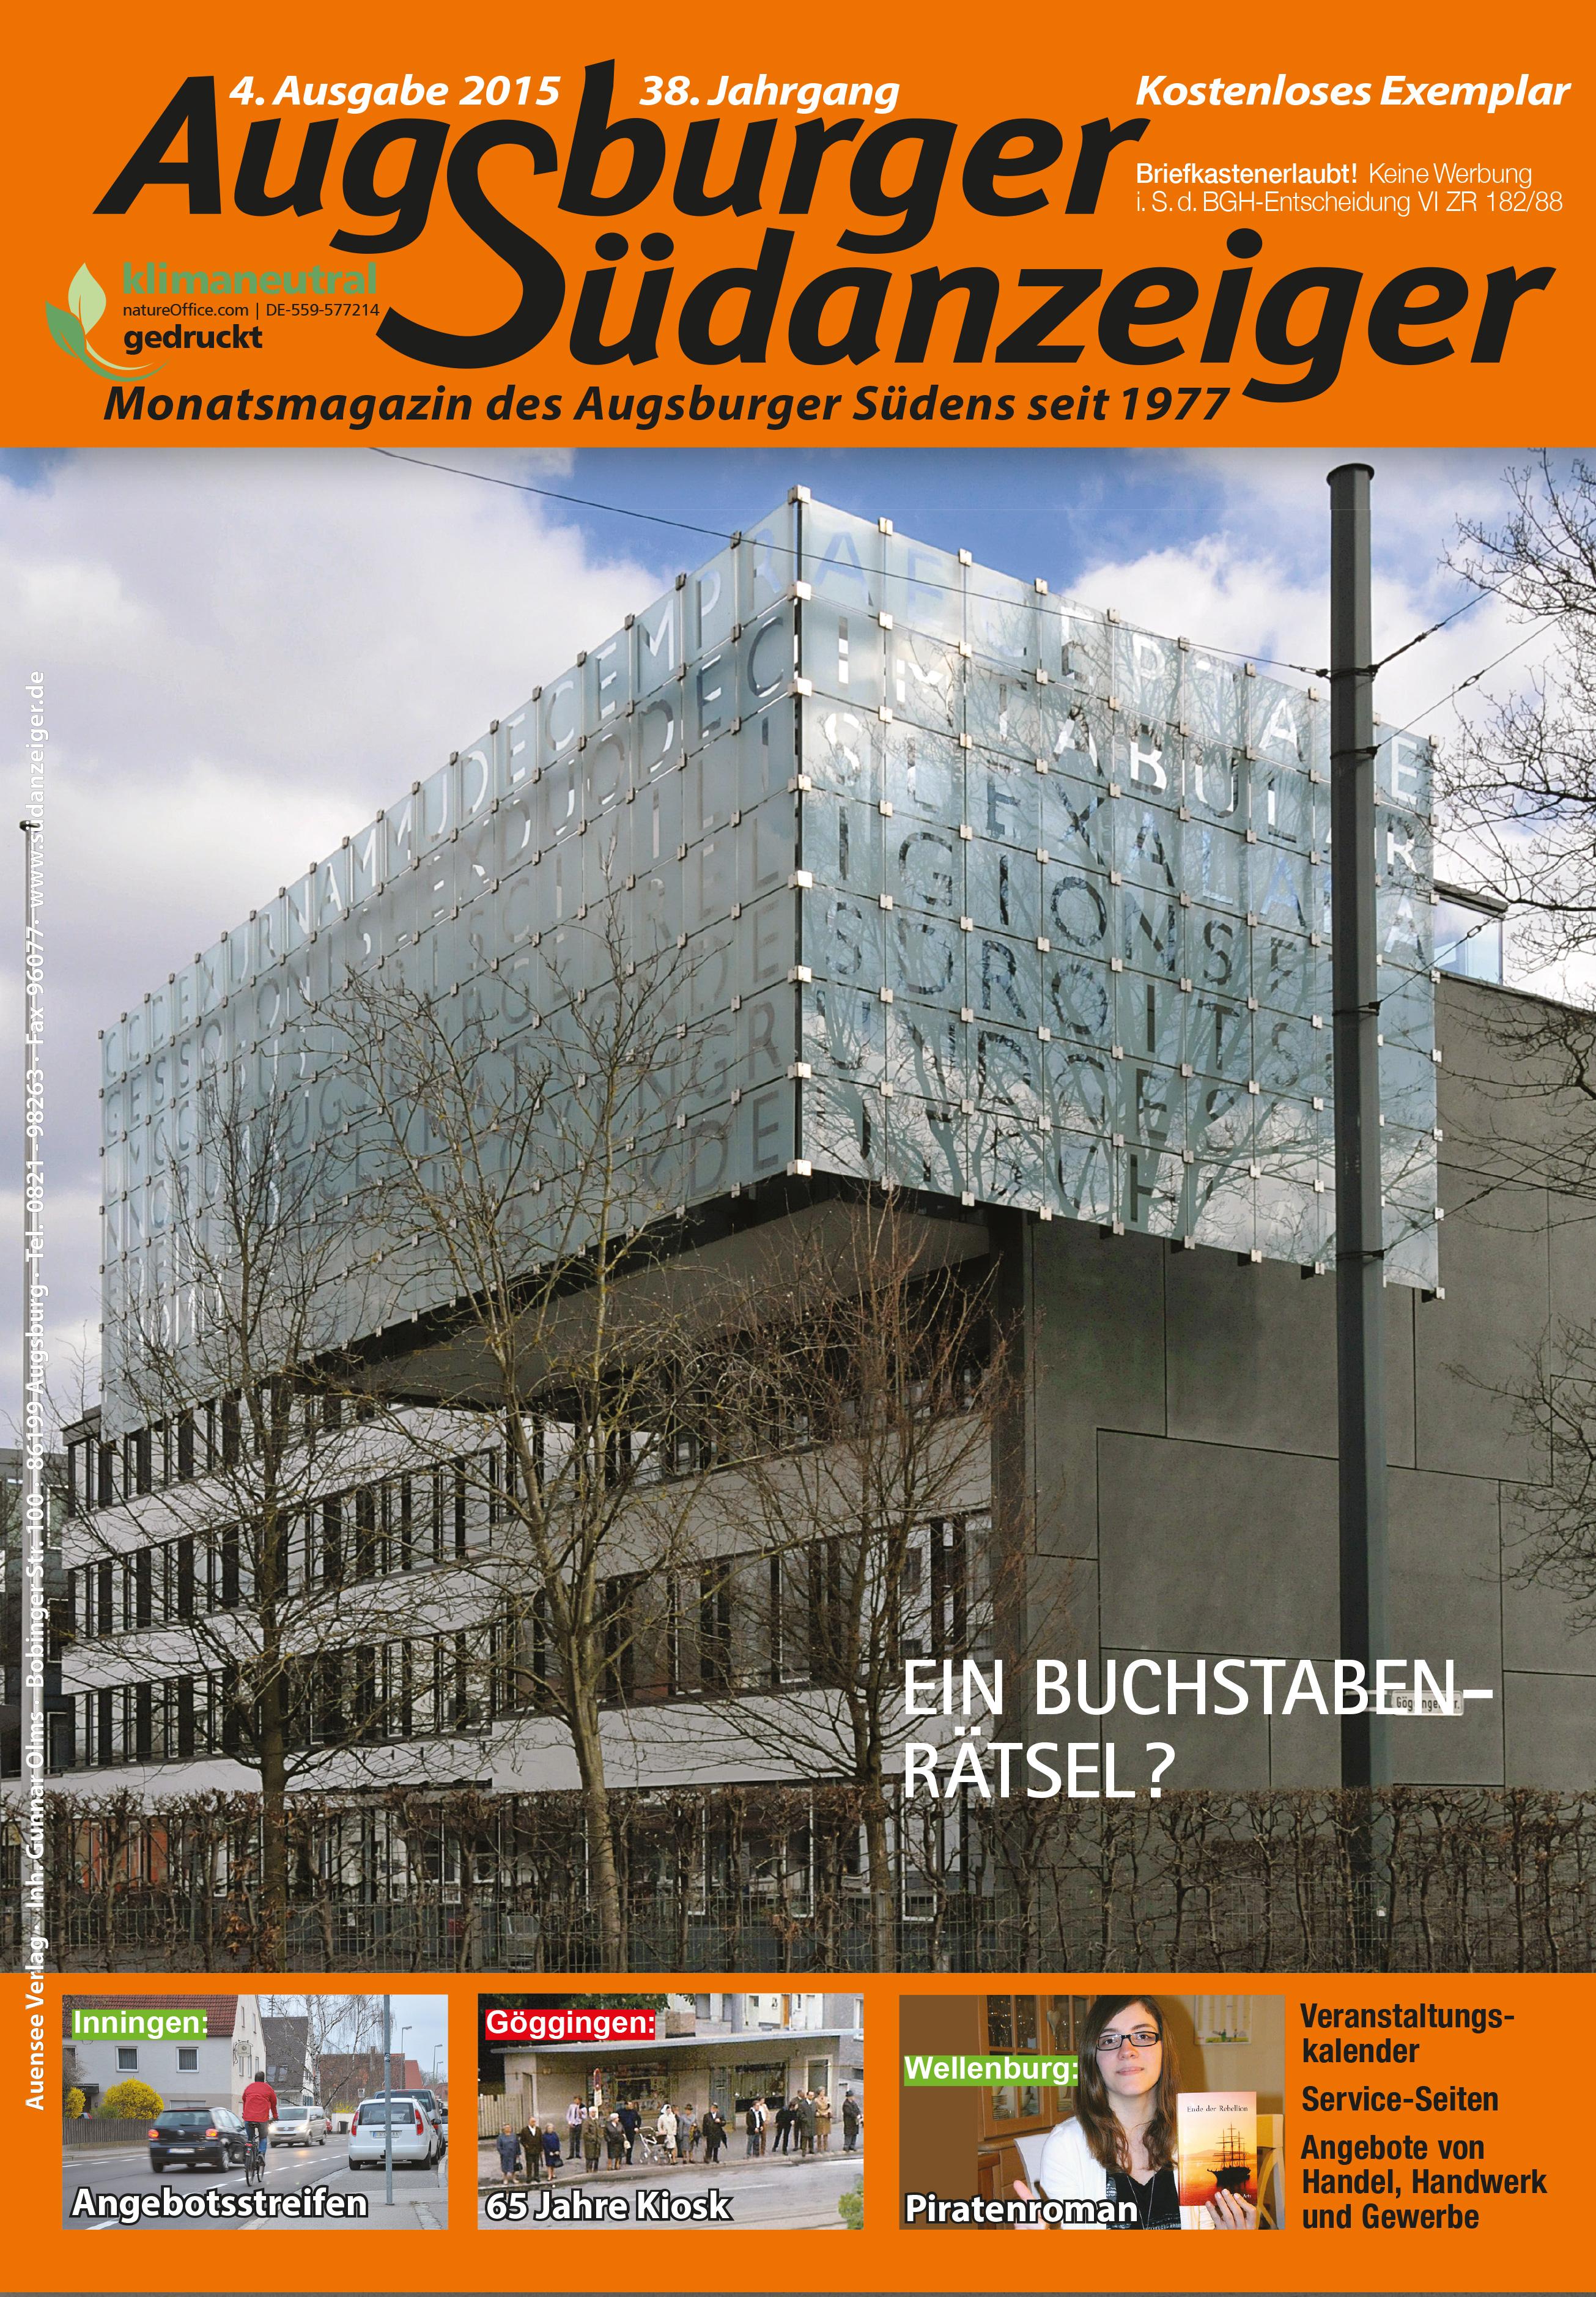 Unser Titelbild: Ein Buchstabenrätsel am Justizgebäude?